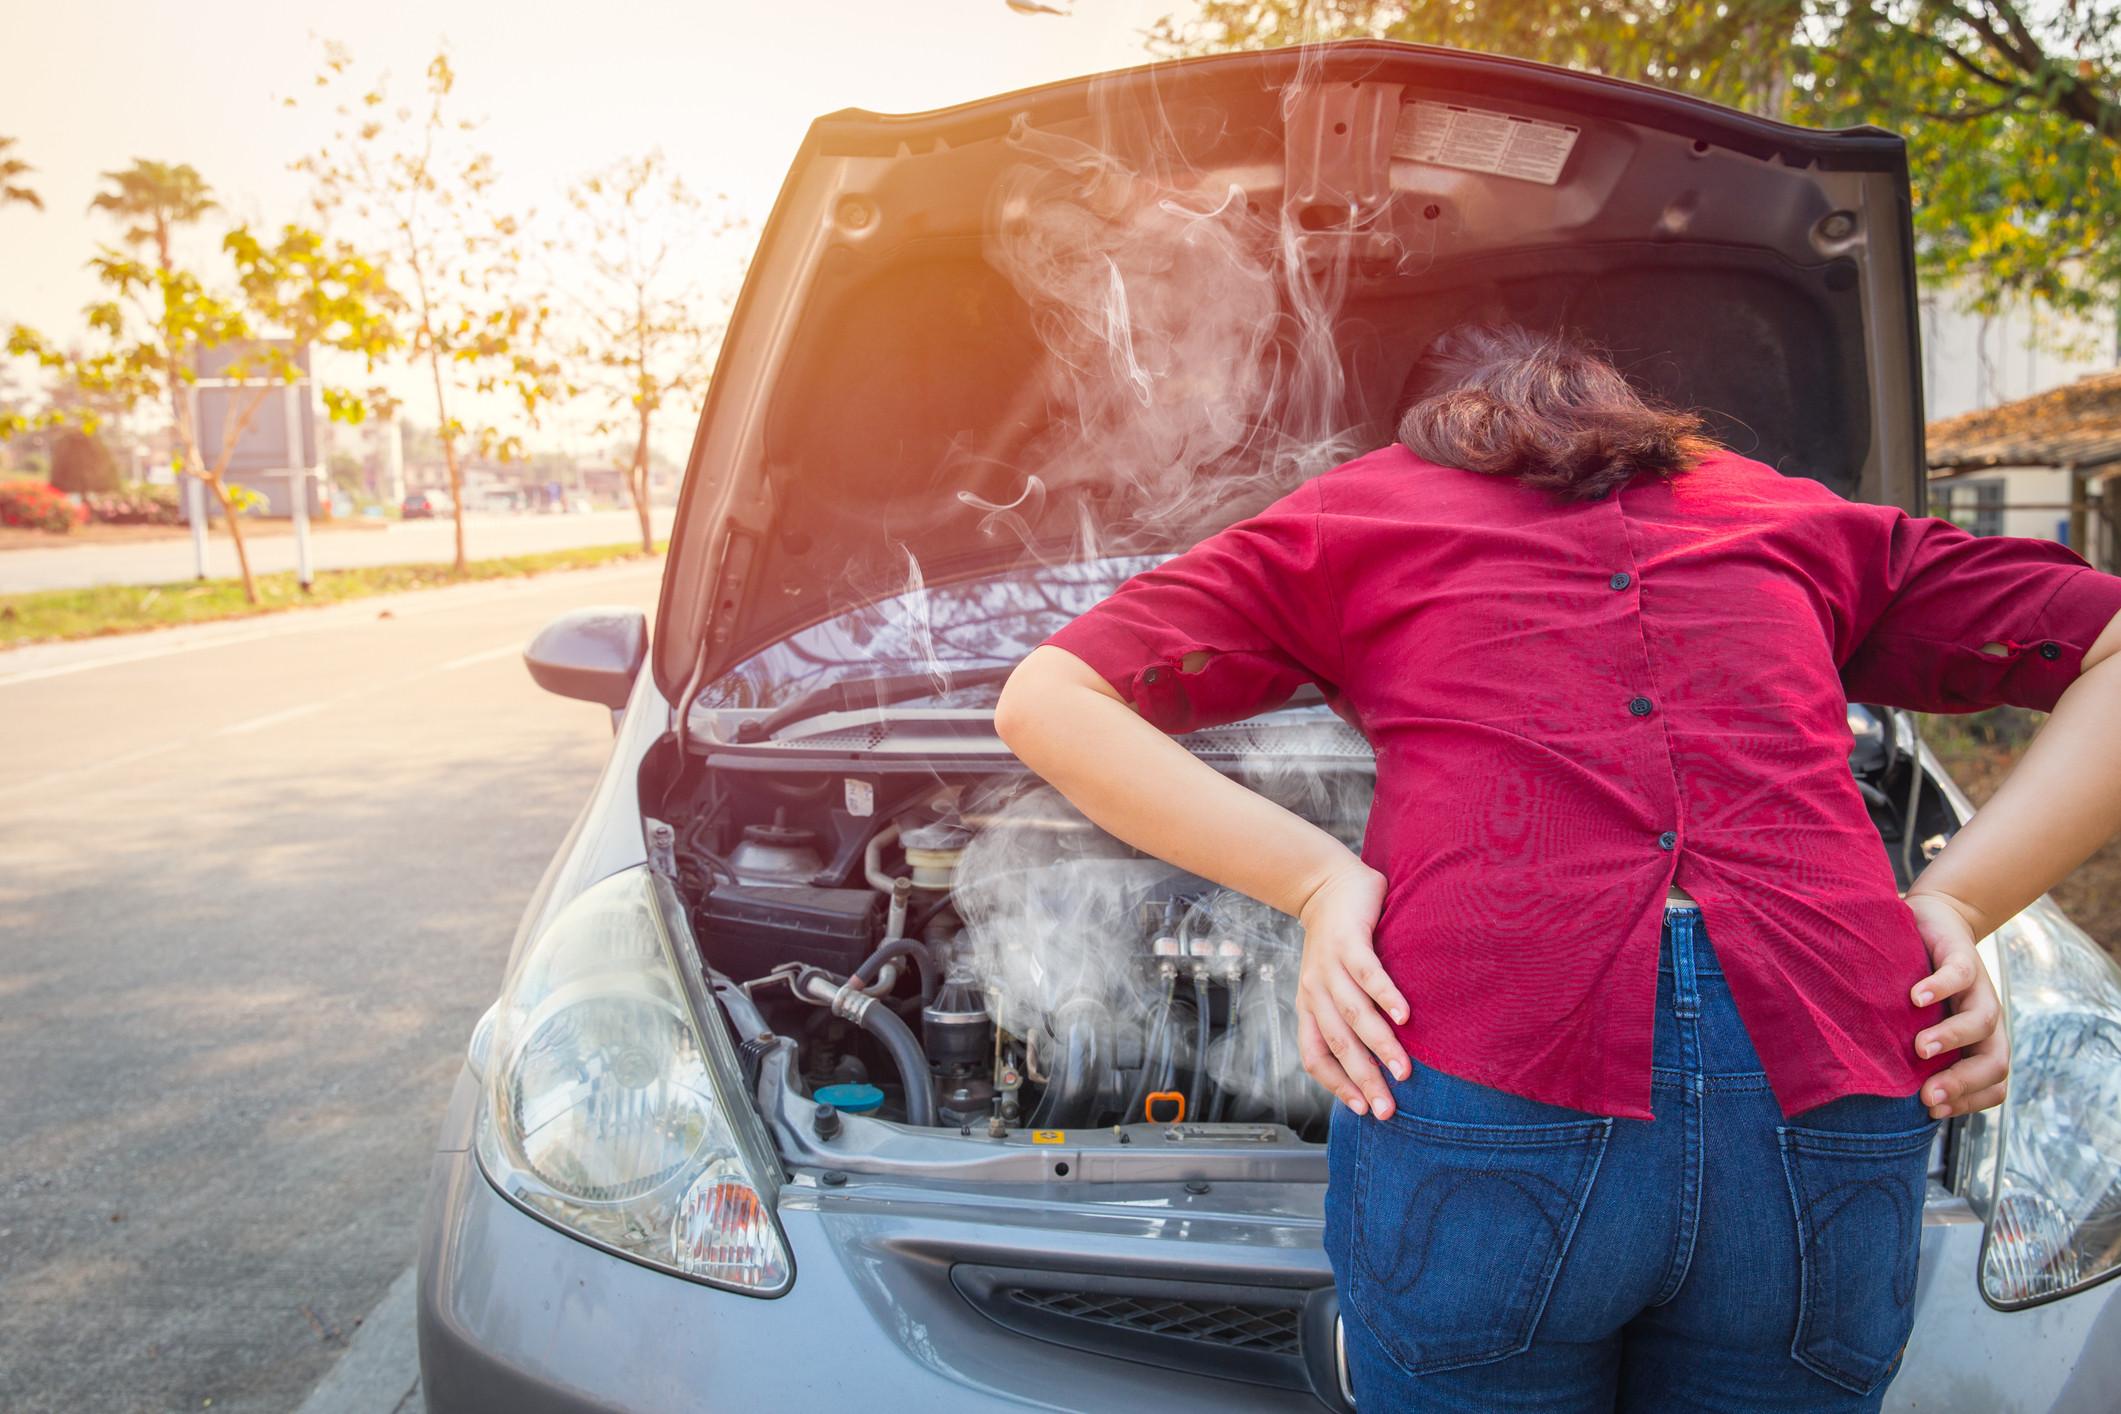 mujer con coche recalentado